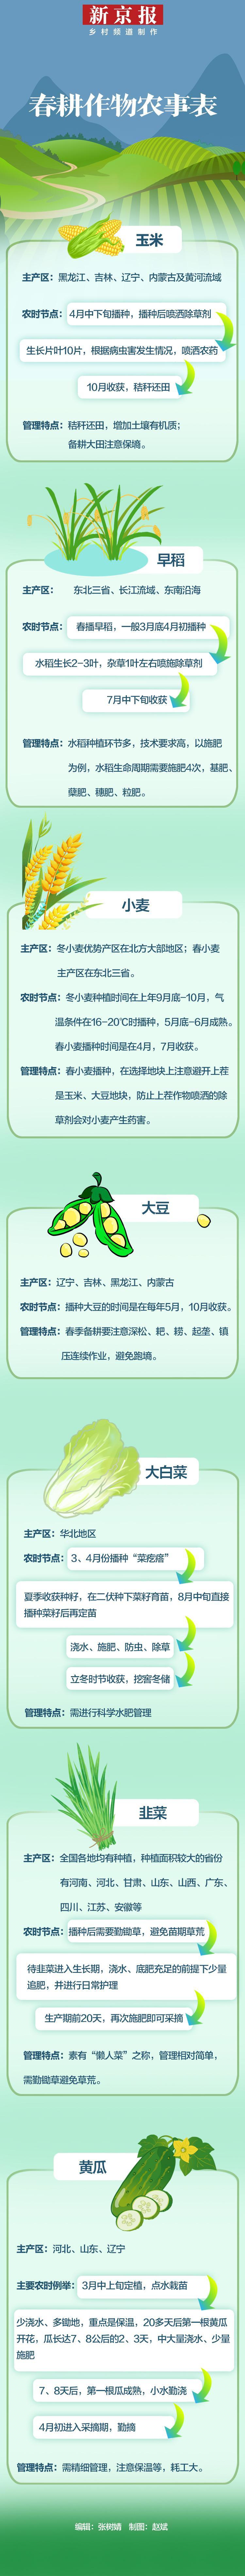 玉米早稻小麦 图解春耕作物的农时农事图片